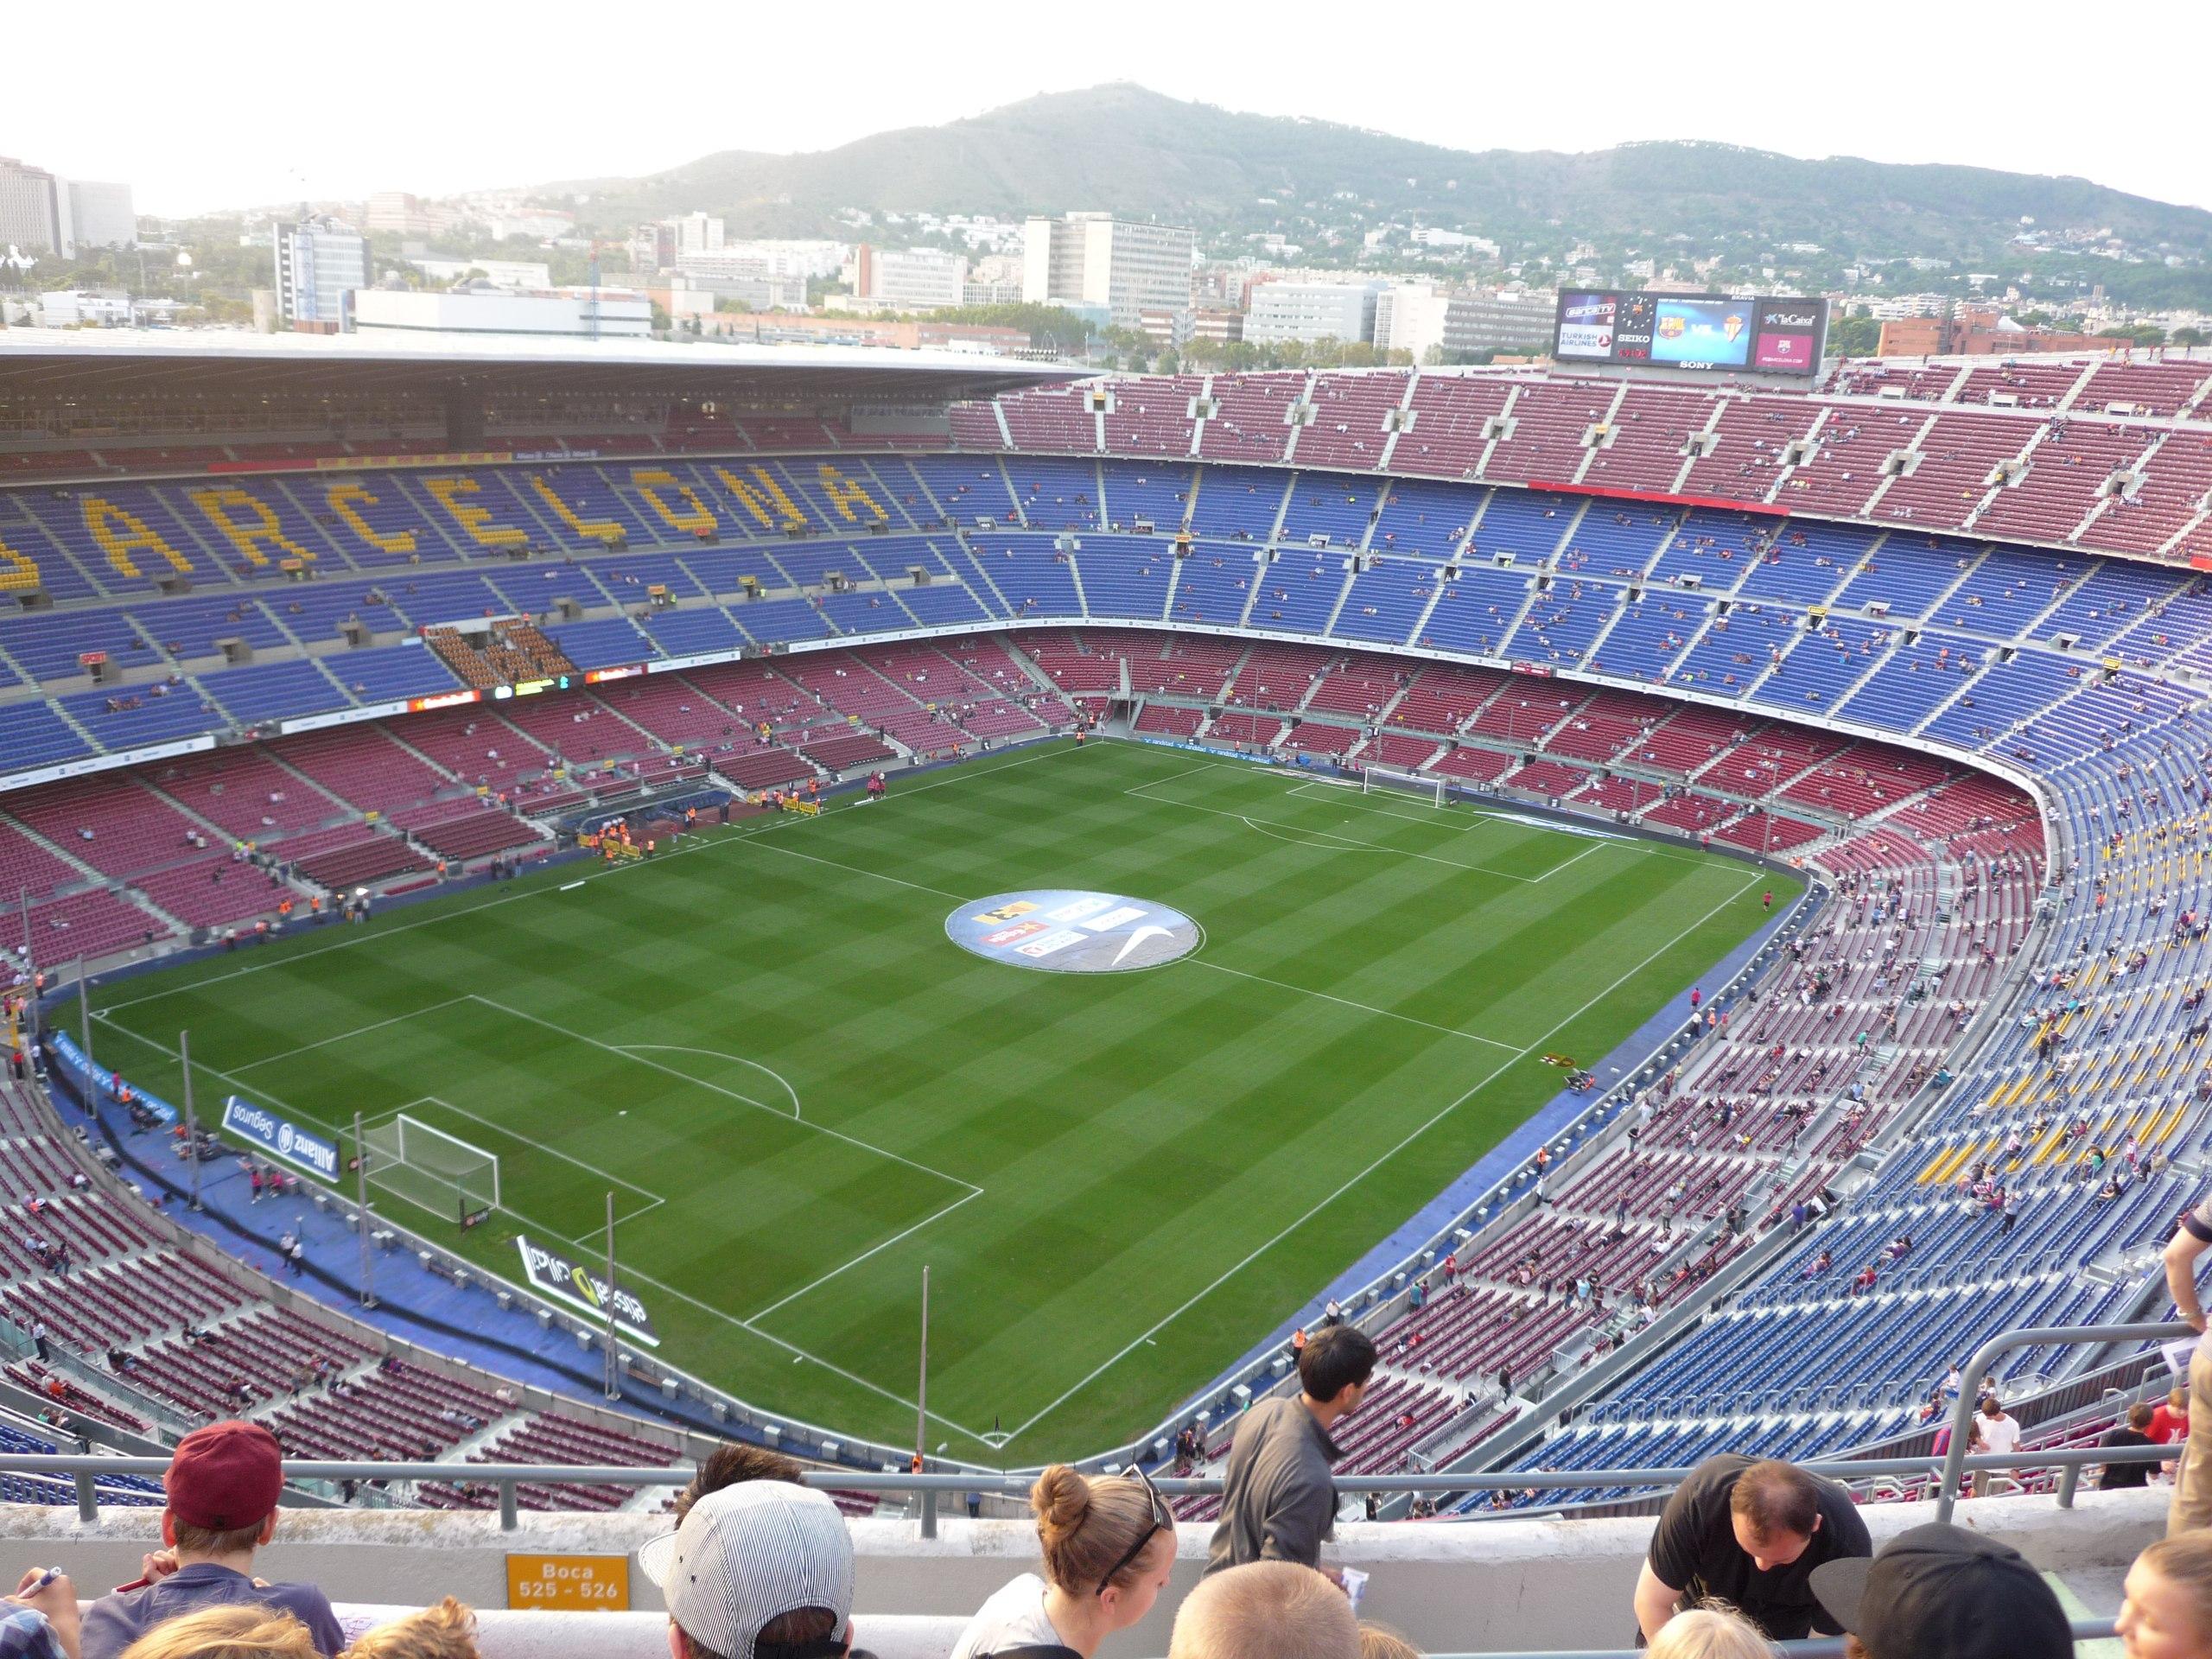 Стадион Камп Ноу (Camp Nou). Барселона, Италия.